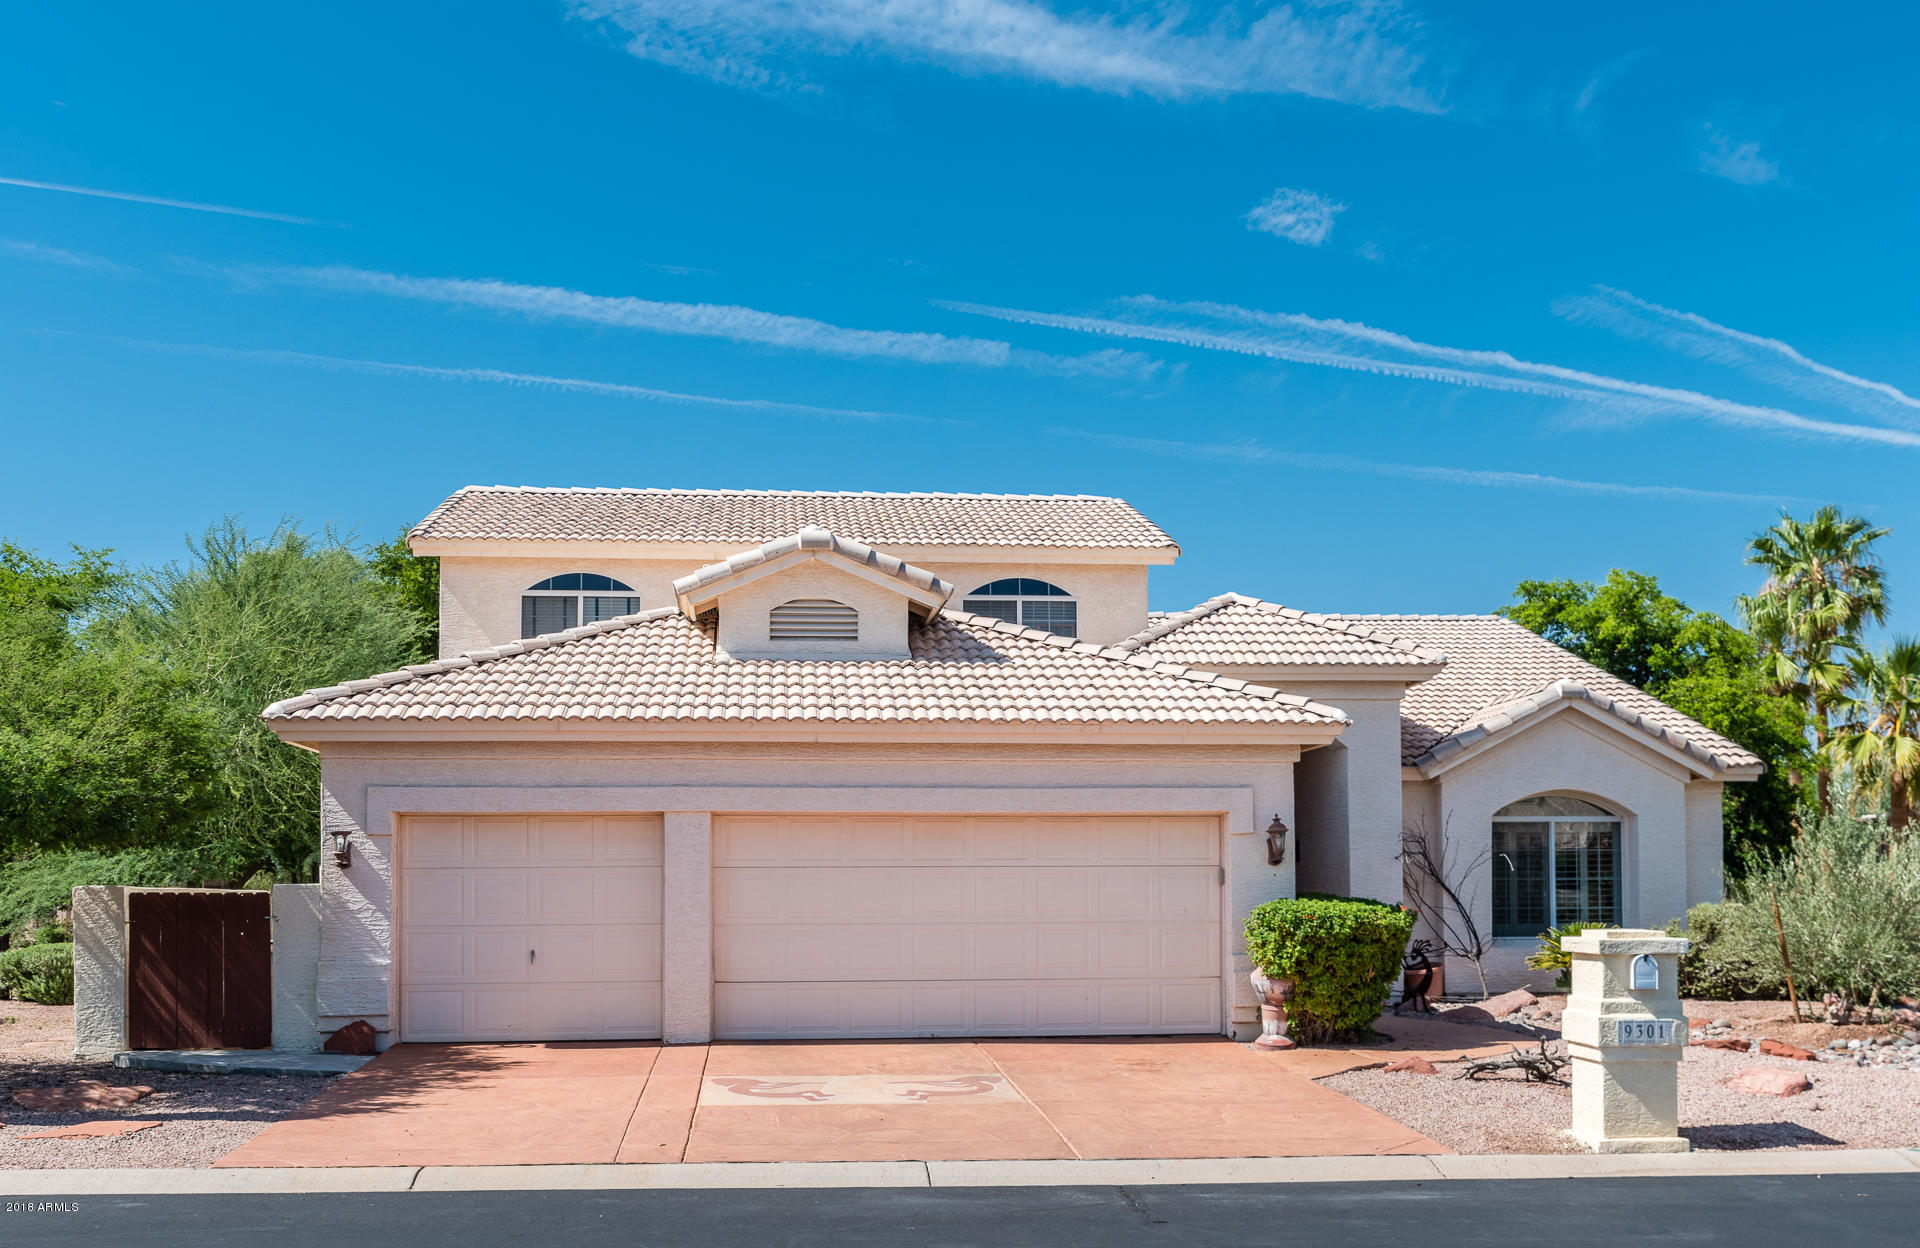 Photo for 9301 E Diamond Drive, Sun Lakes, AZ 85248 (MLS # 5815208)